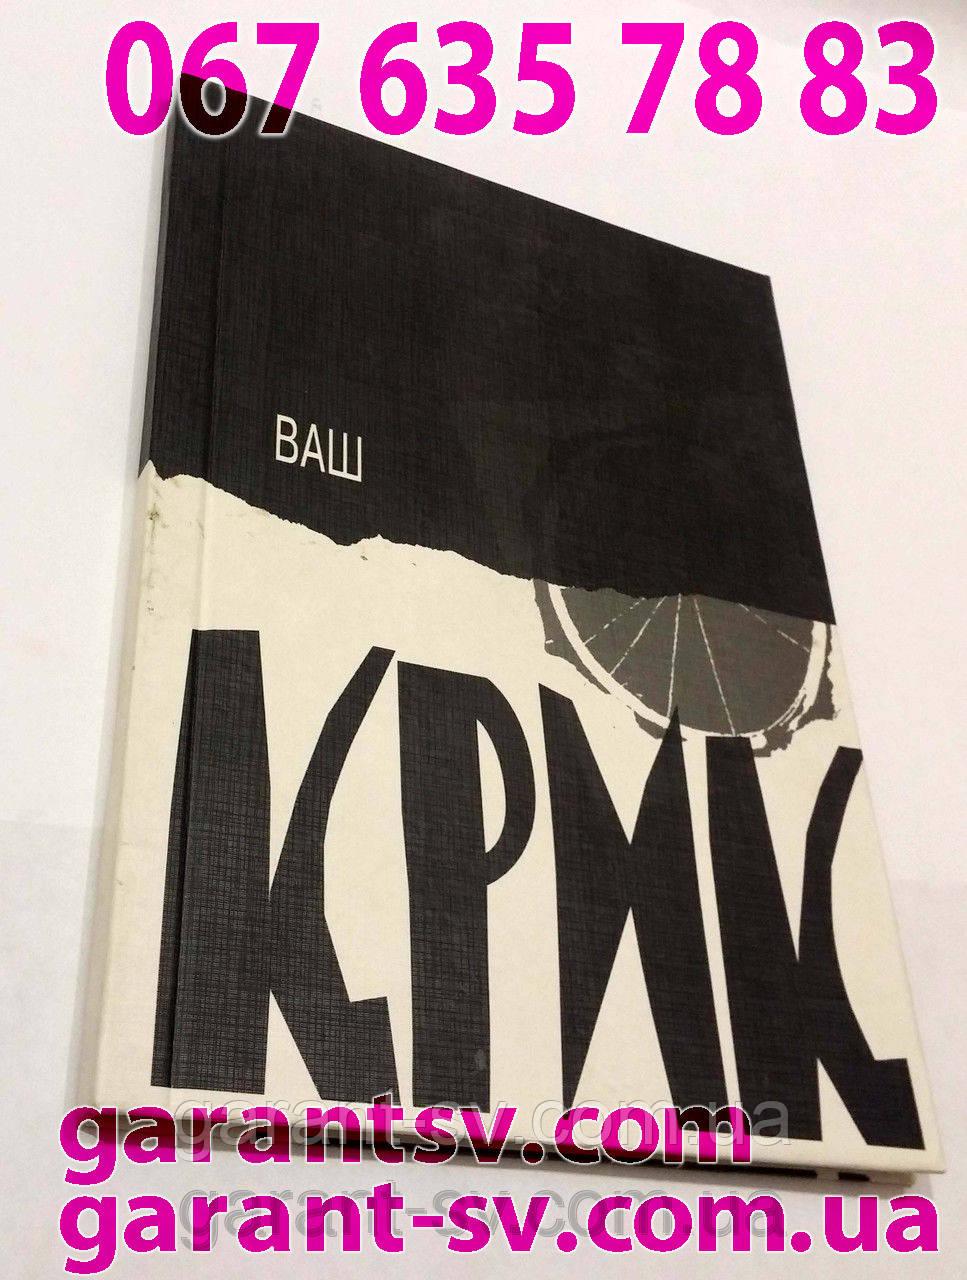 Виготовлення книжок: м'яка обкладинка, формат А5, 200 сторінок,зшивка біндер, тираж 200штук